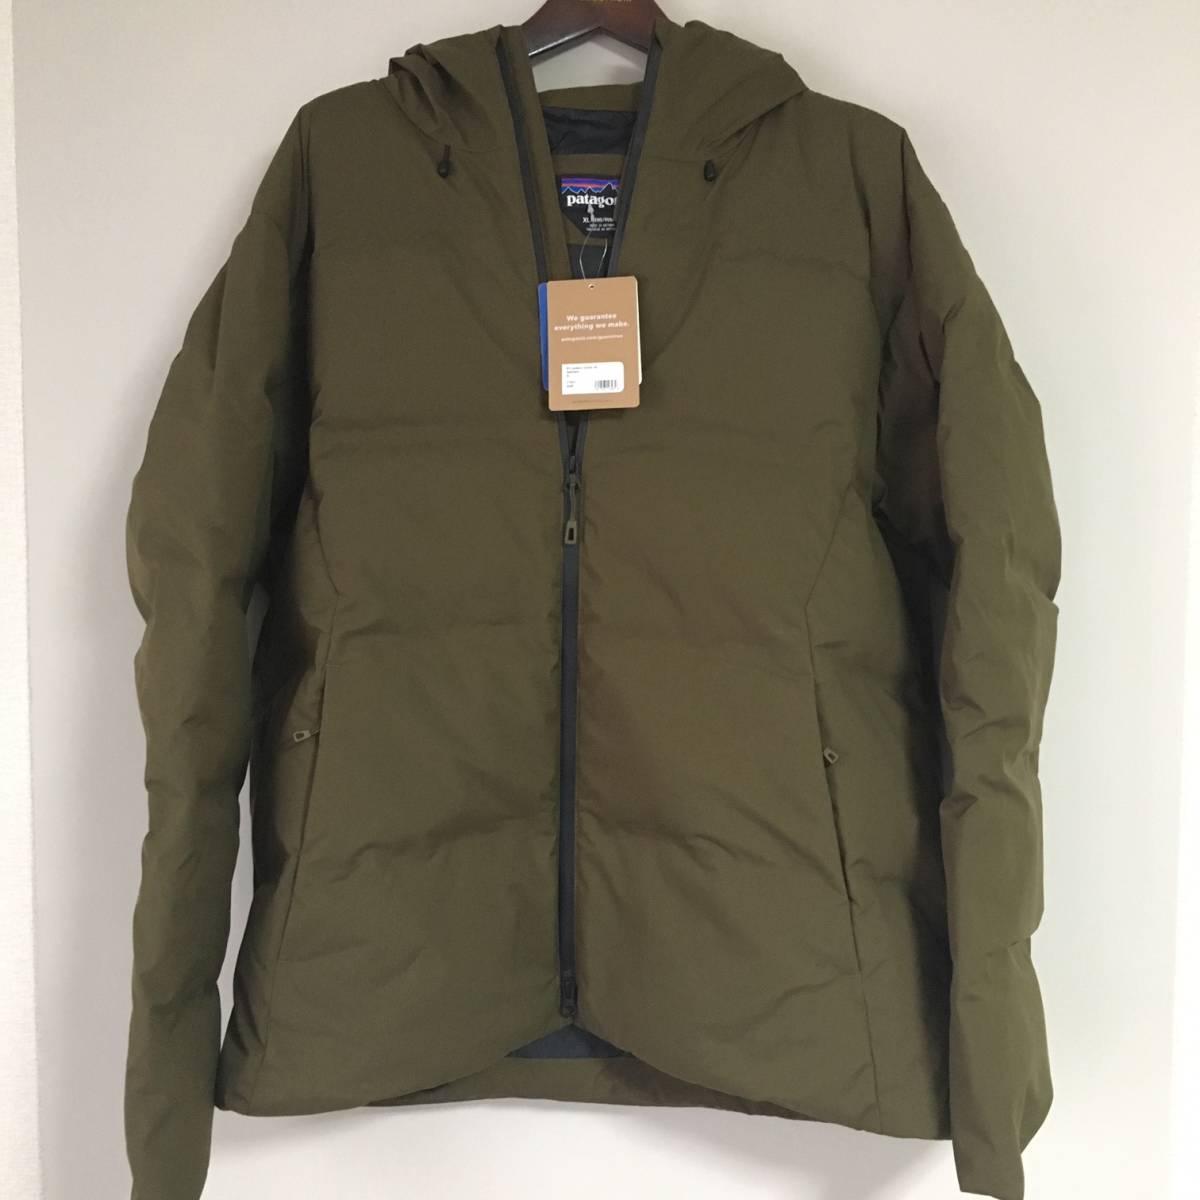 最高級 Patagonia Men's Jackson Glacier Jacket パタゴニア メンズ ジャクソン グレイシャー ジャケット 2018FA XL (USサイズ) SEMT_画像3